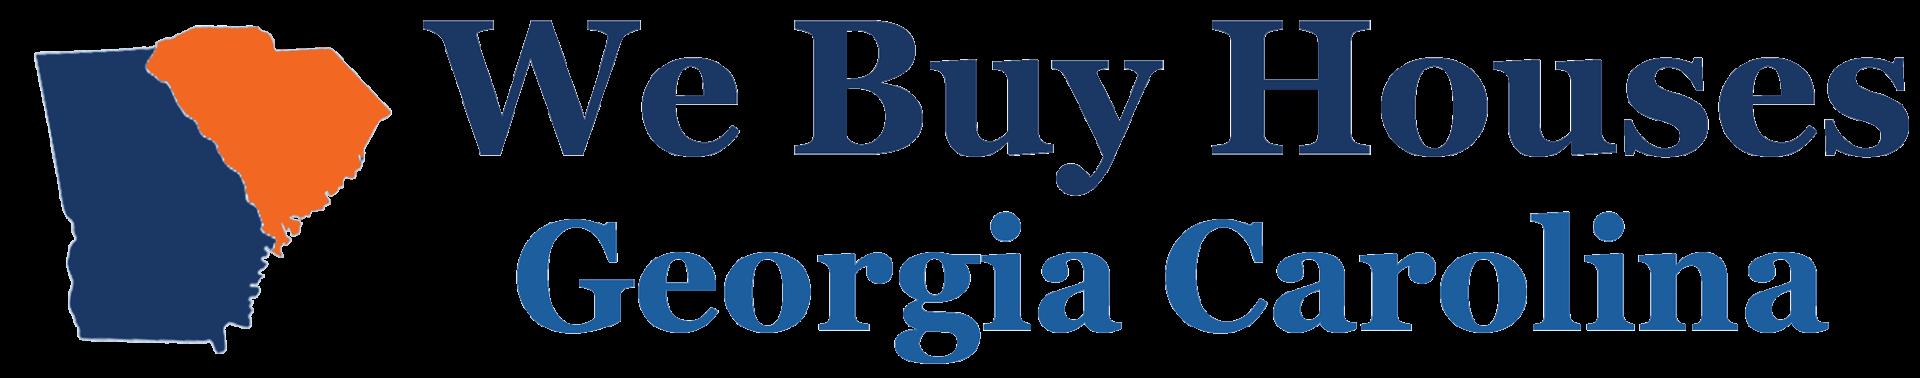 We Buy Houses Georgia Carolina